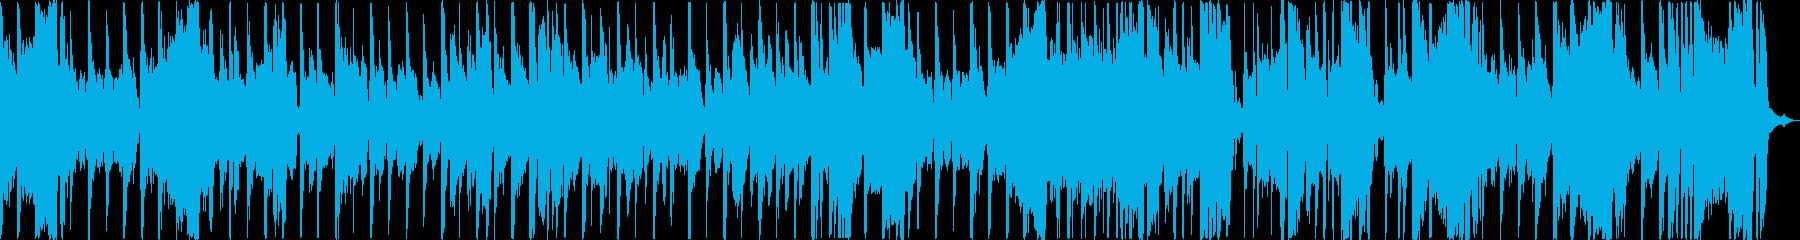 パワフルなブラスセクションとキック...の再生済みの波形